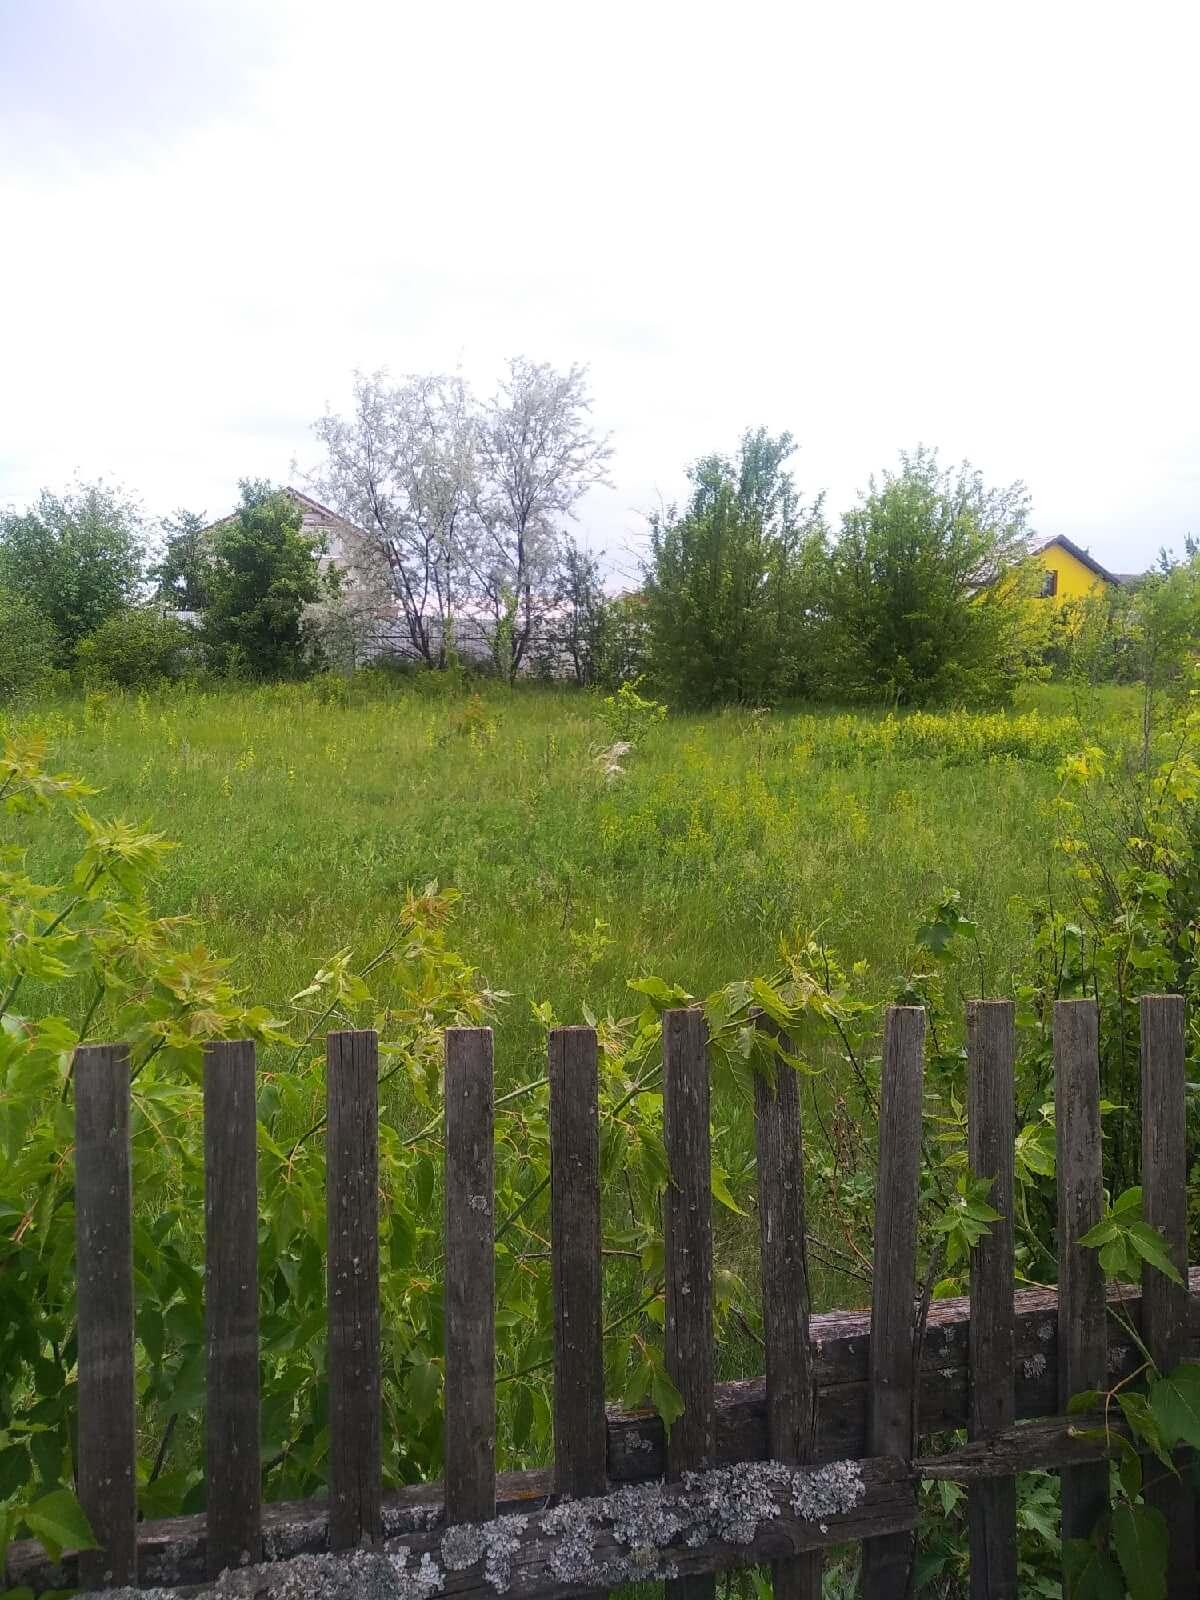 Земельный участок, массив Бобровка, агентство недвижимости Александра Замула